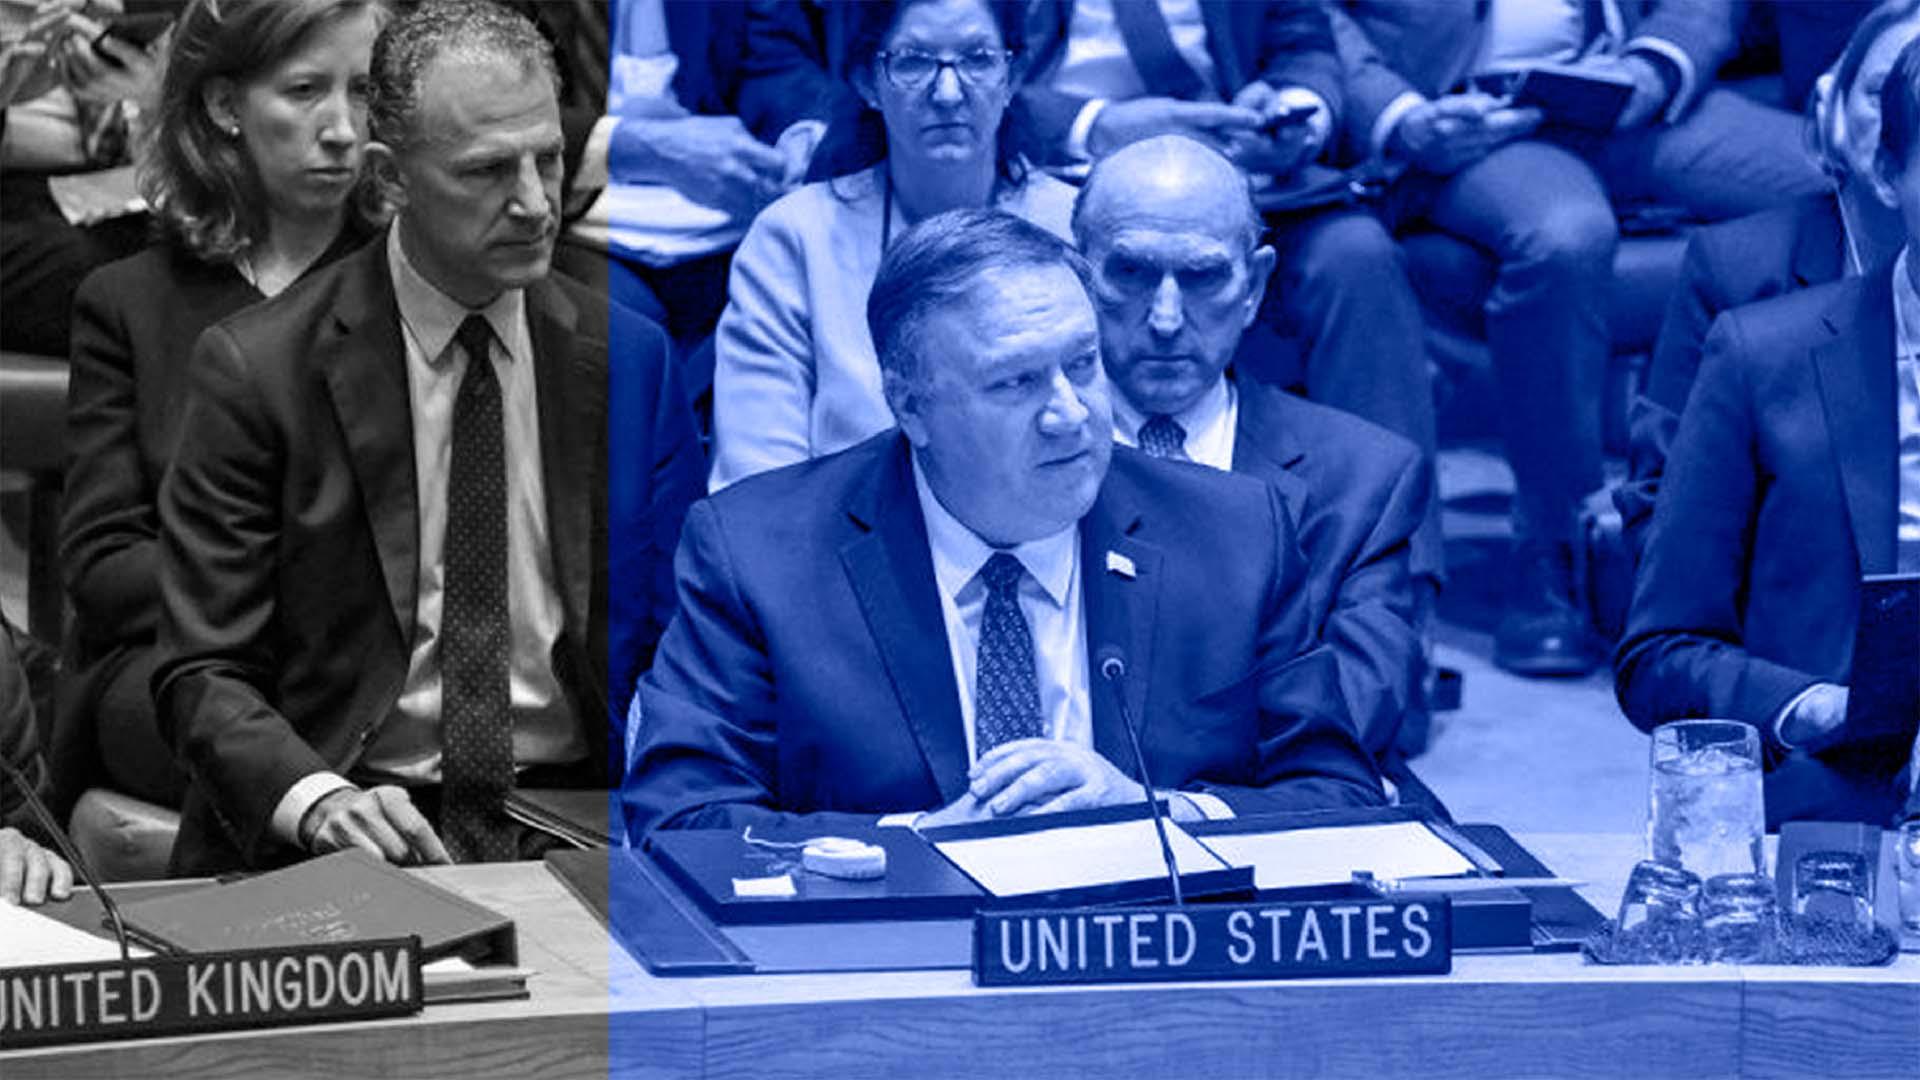 Informe Otálvora: Venezuela se convirtió en tema del Consejo de Seguridad, por Edgar C. Otálvora